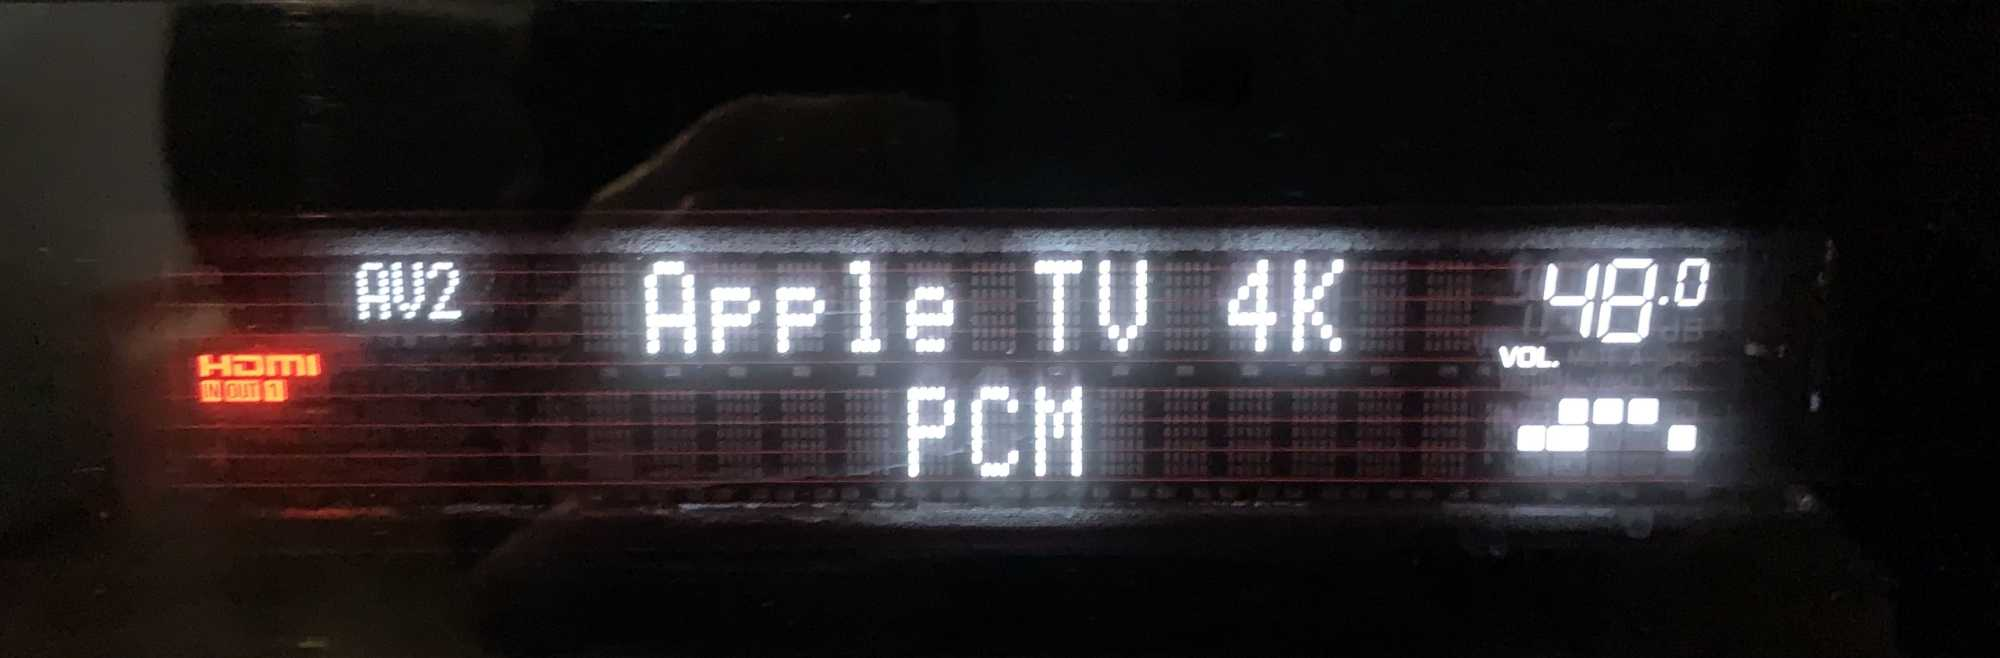 Dass das Apple TV (4K) den Ton von Videostreamingdiensten als PCM-Datenstrom an AV-Receiver ausgibt, irritiert viele Nutzer.